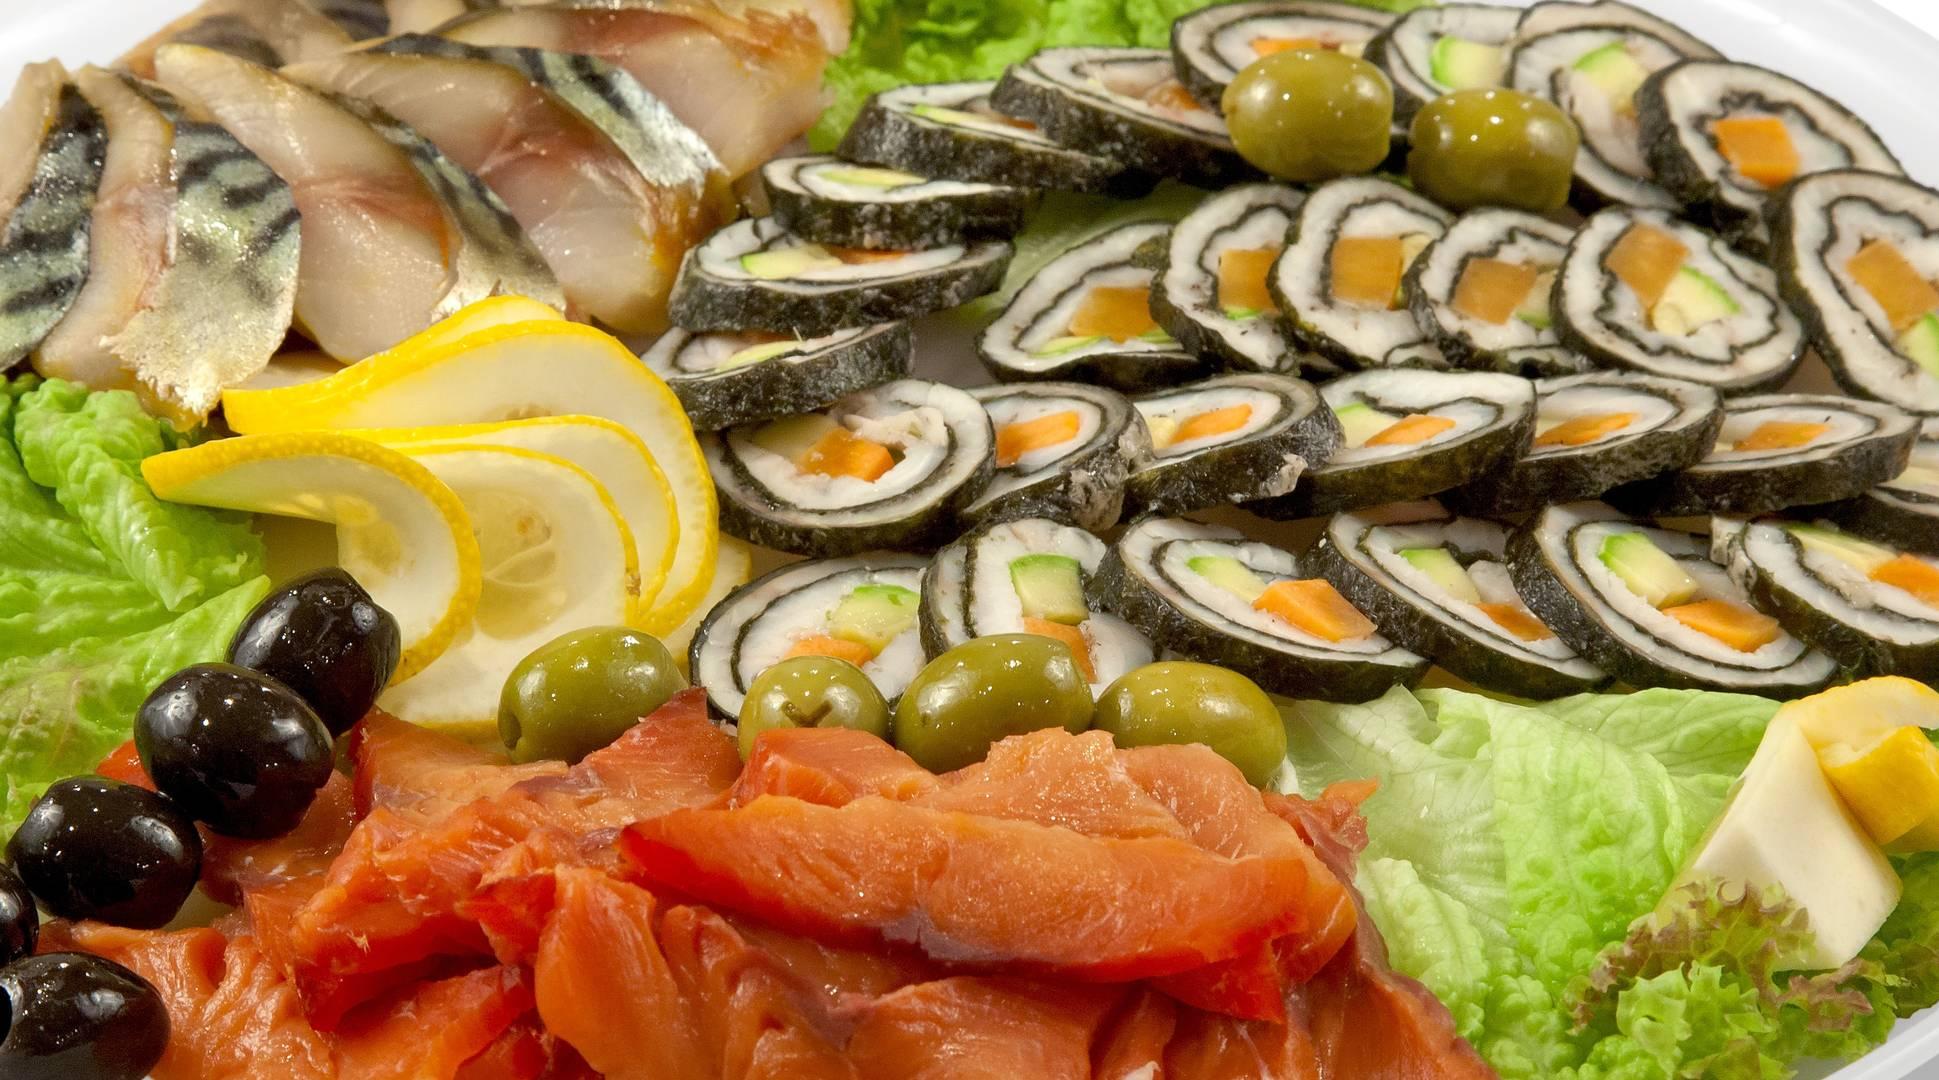 Фаршированная рыба — неизменный гость праздничных застольев, особенно свадеб и нового года.